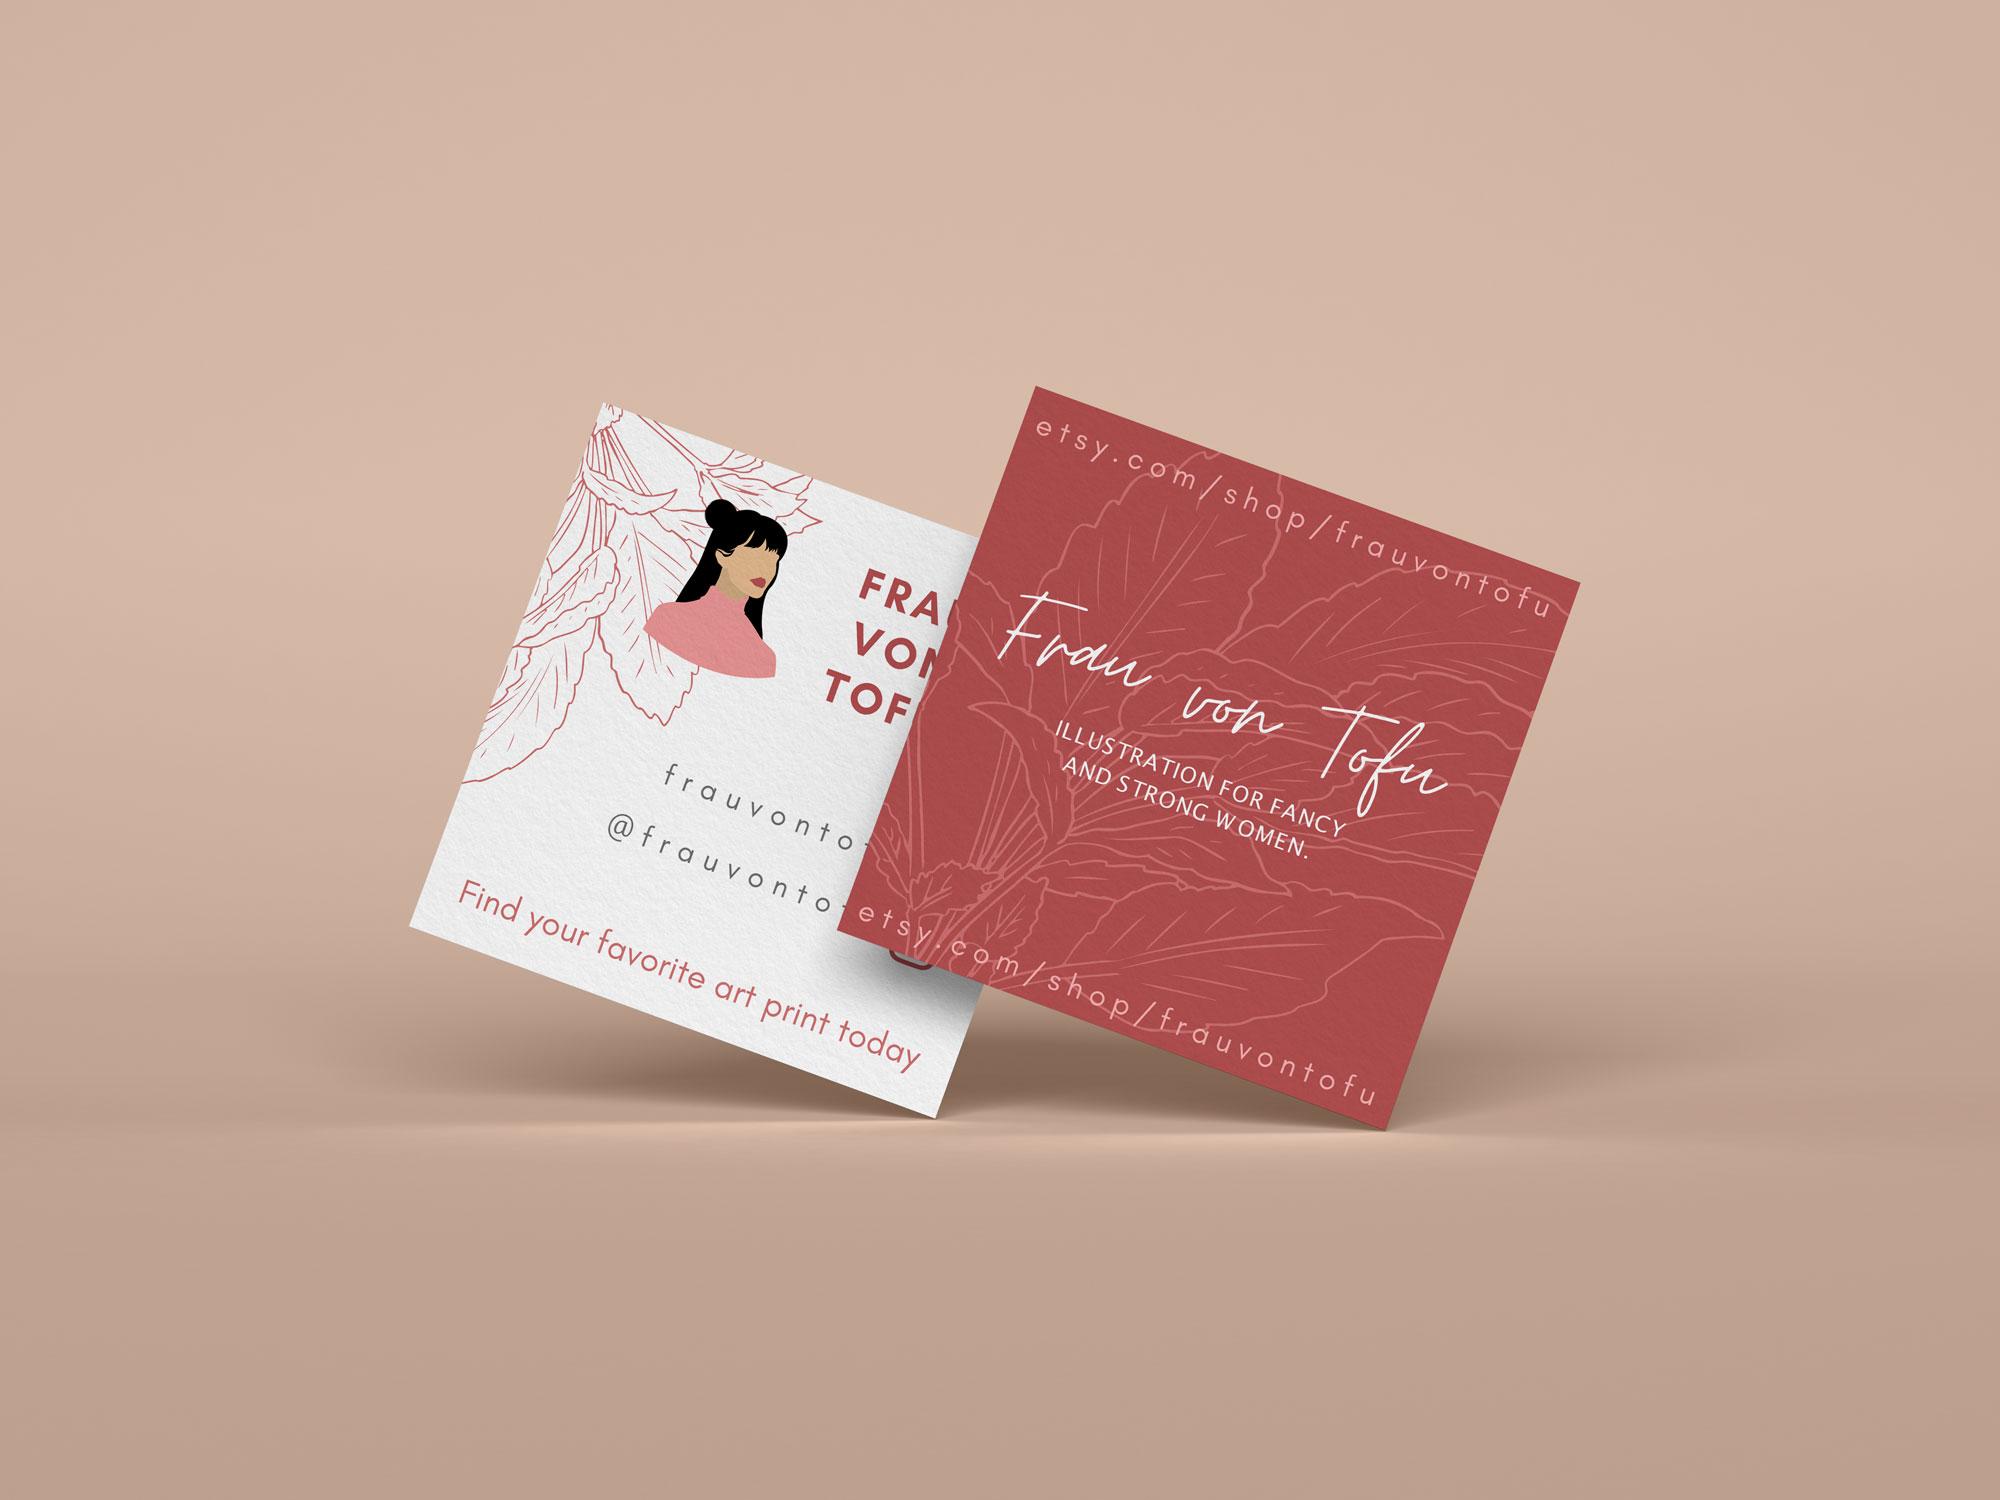 Frau Von Tofu Visitenkarten